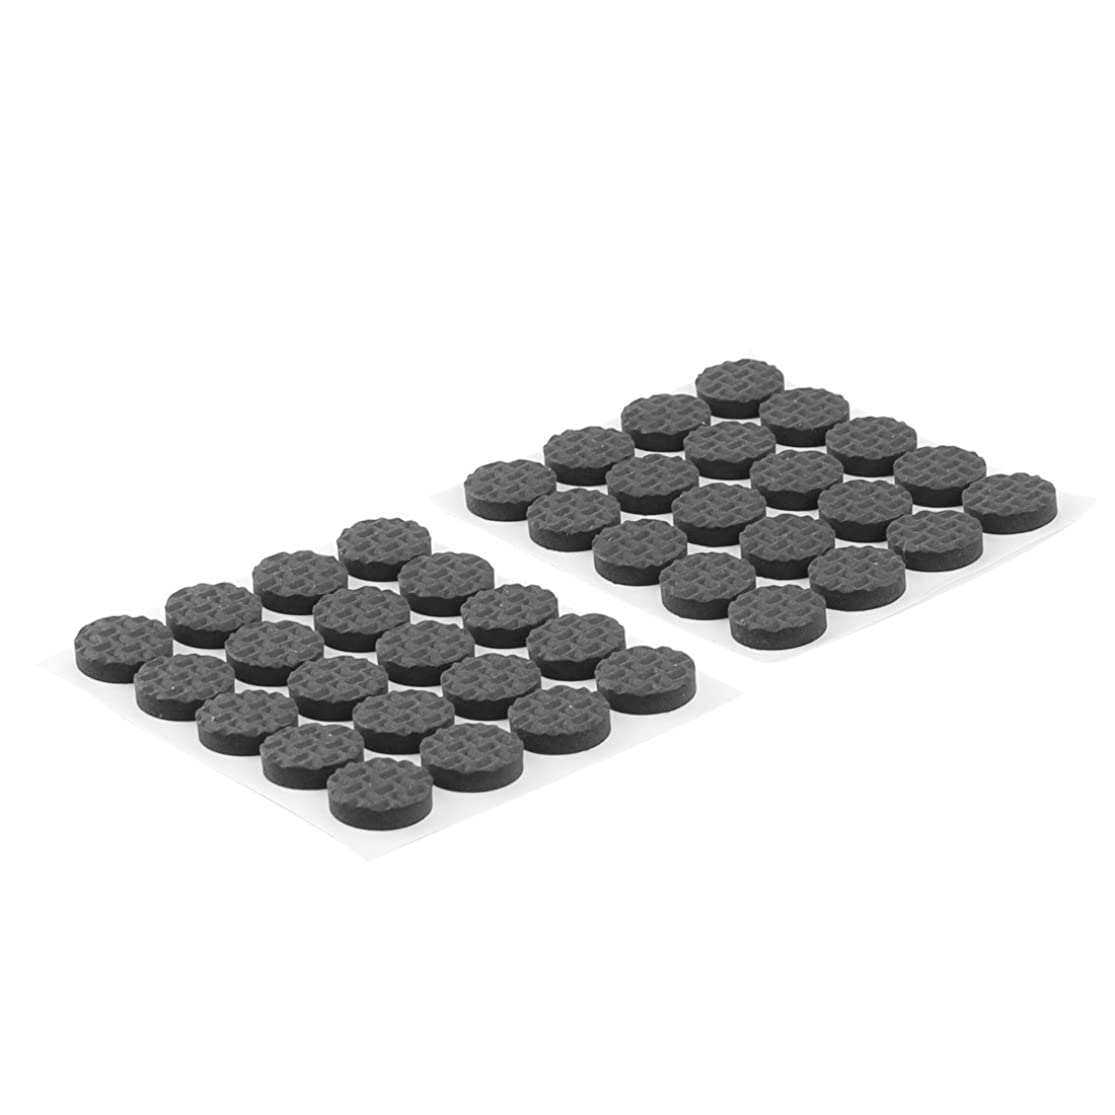 あまりにも解明する基準uxcell 家具フットパッド テーブル足 EVA 自己粘着 フロア保護 ブラック 15mm直径 40個入り